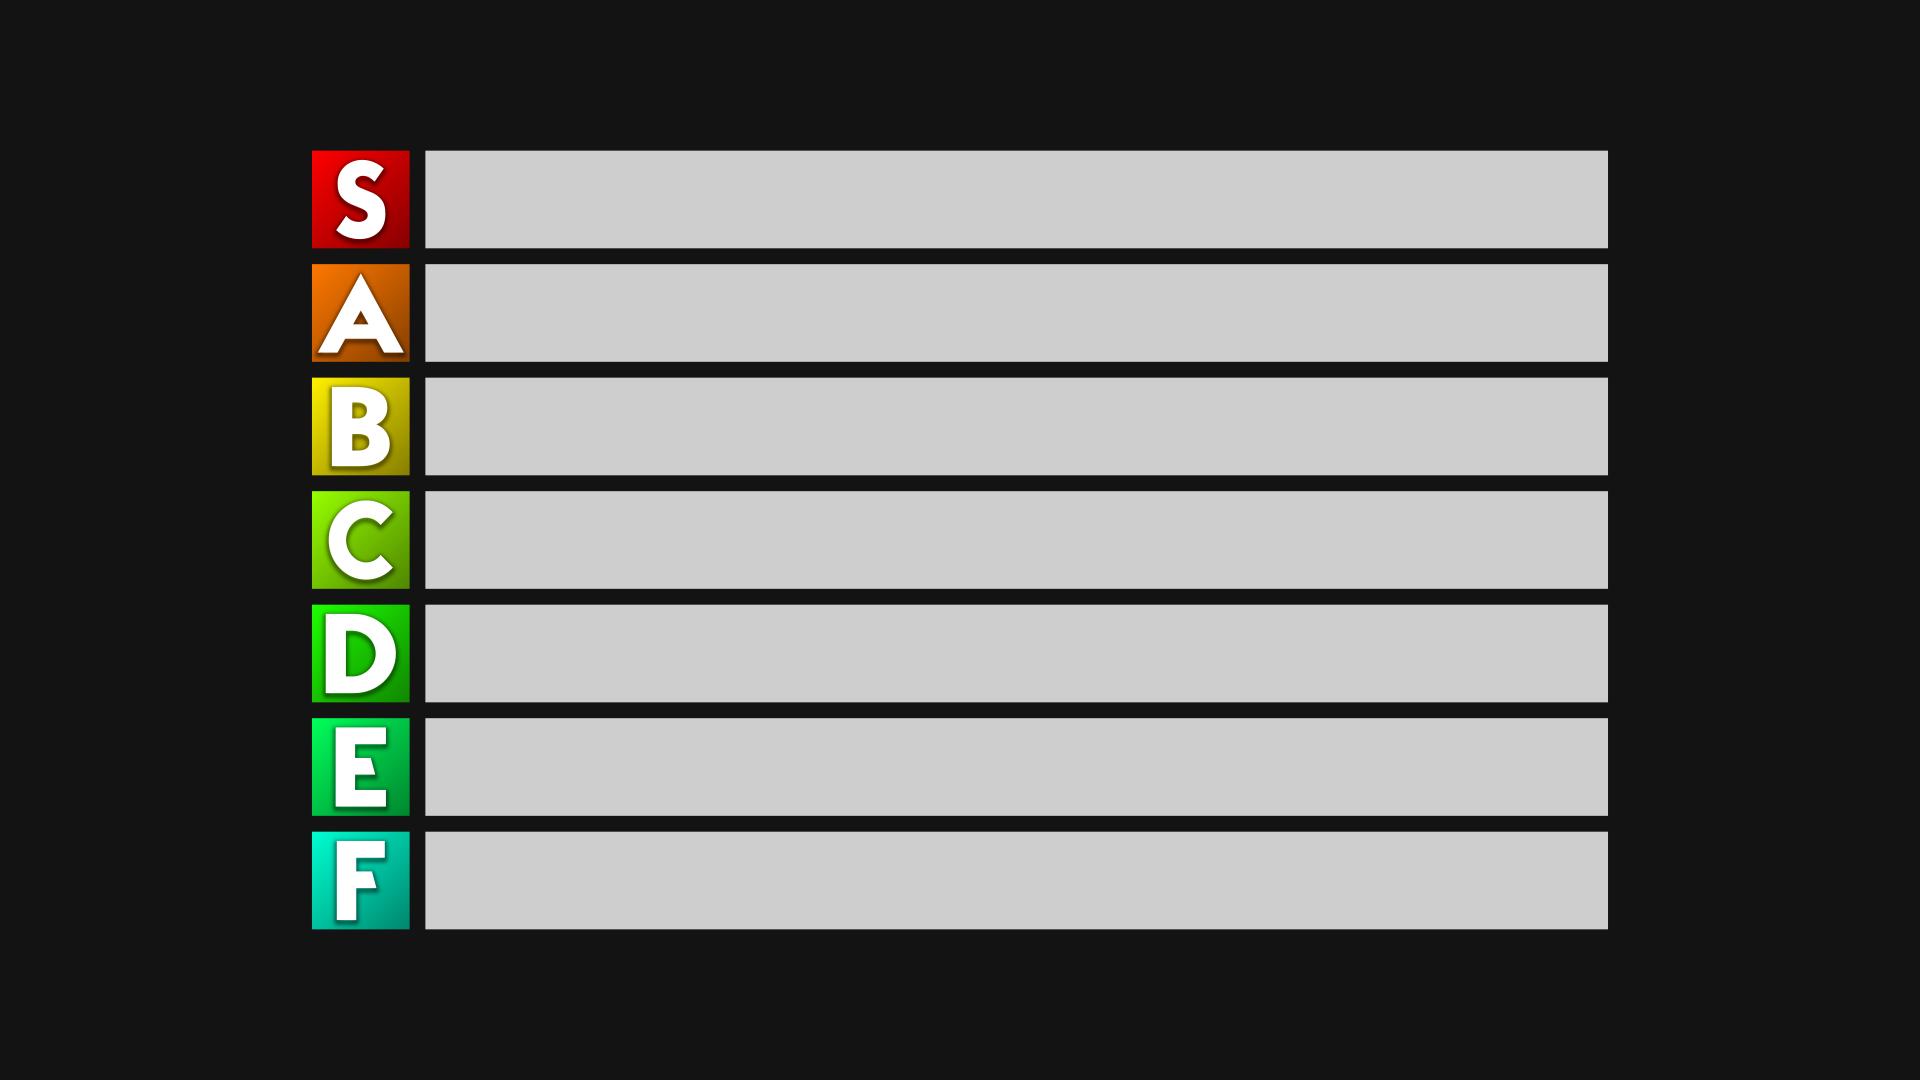 Tier List Template 1 By Darkvoidpictures On Deviantart